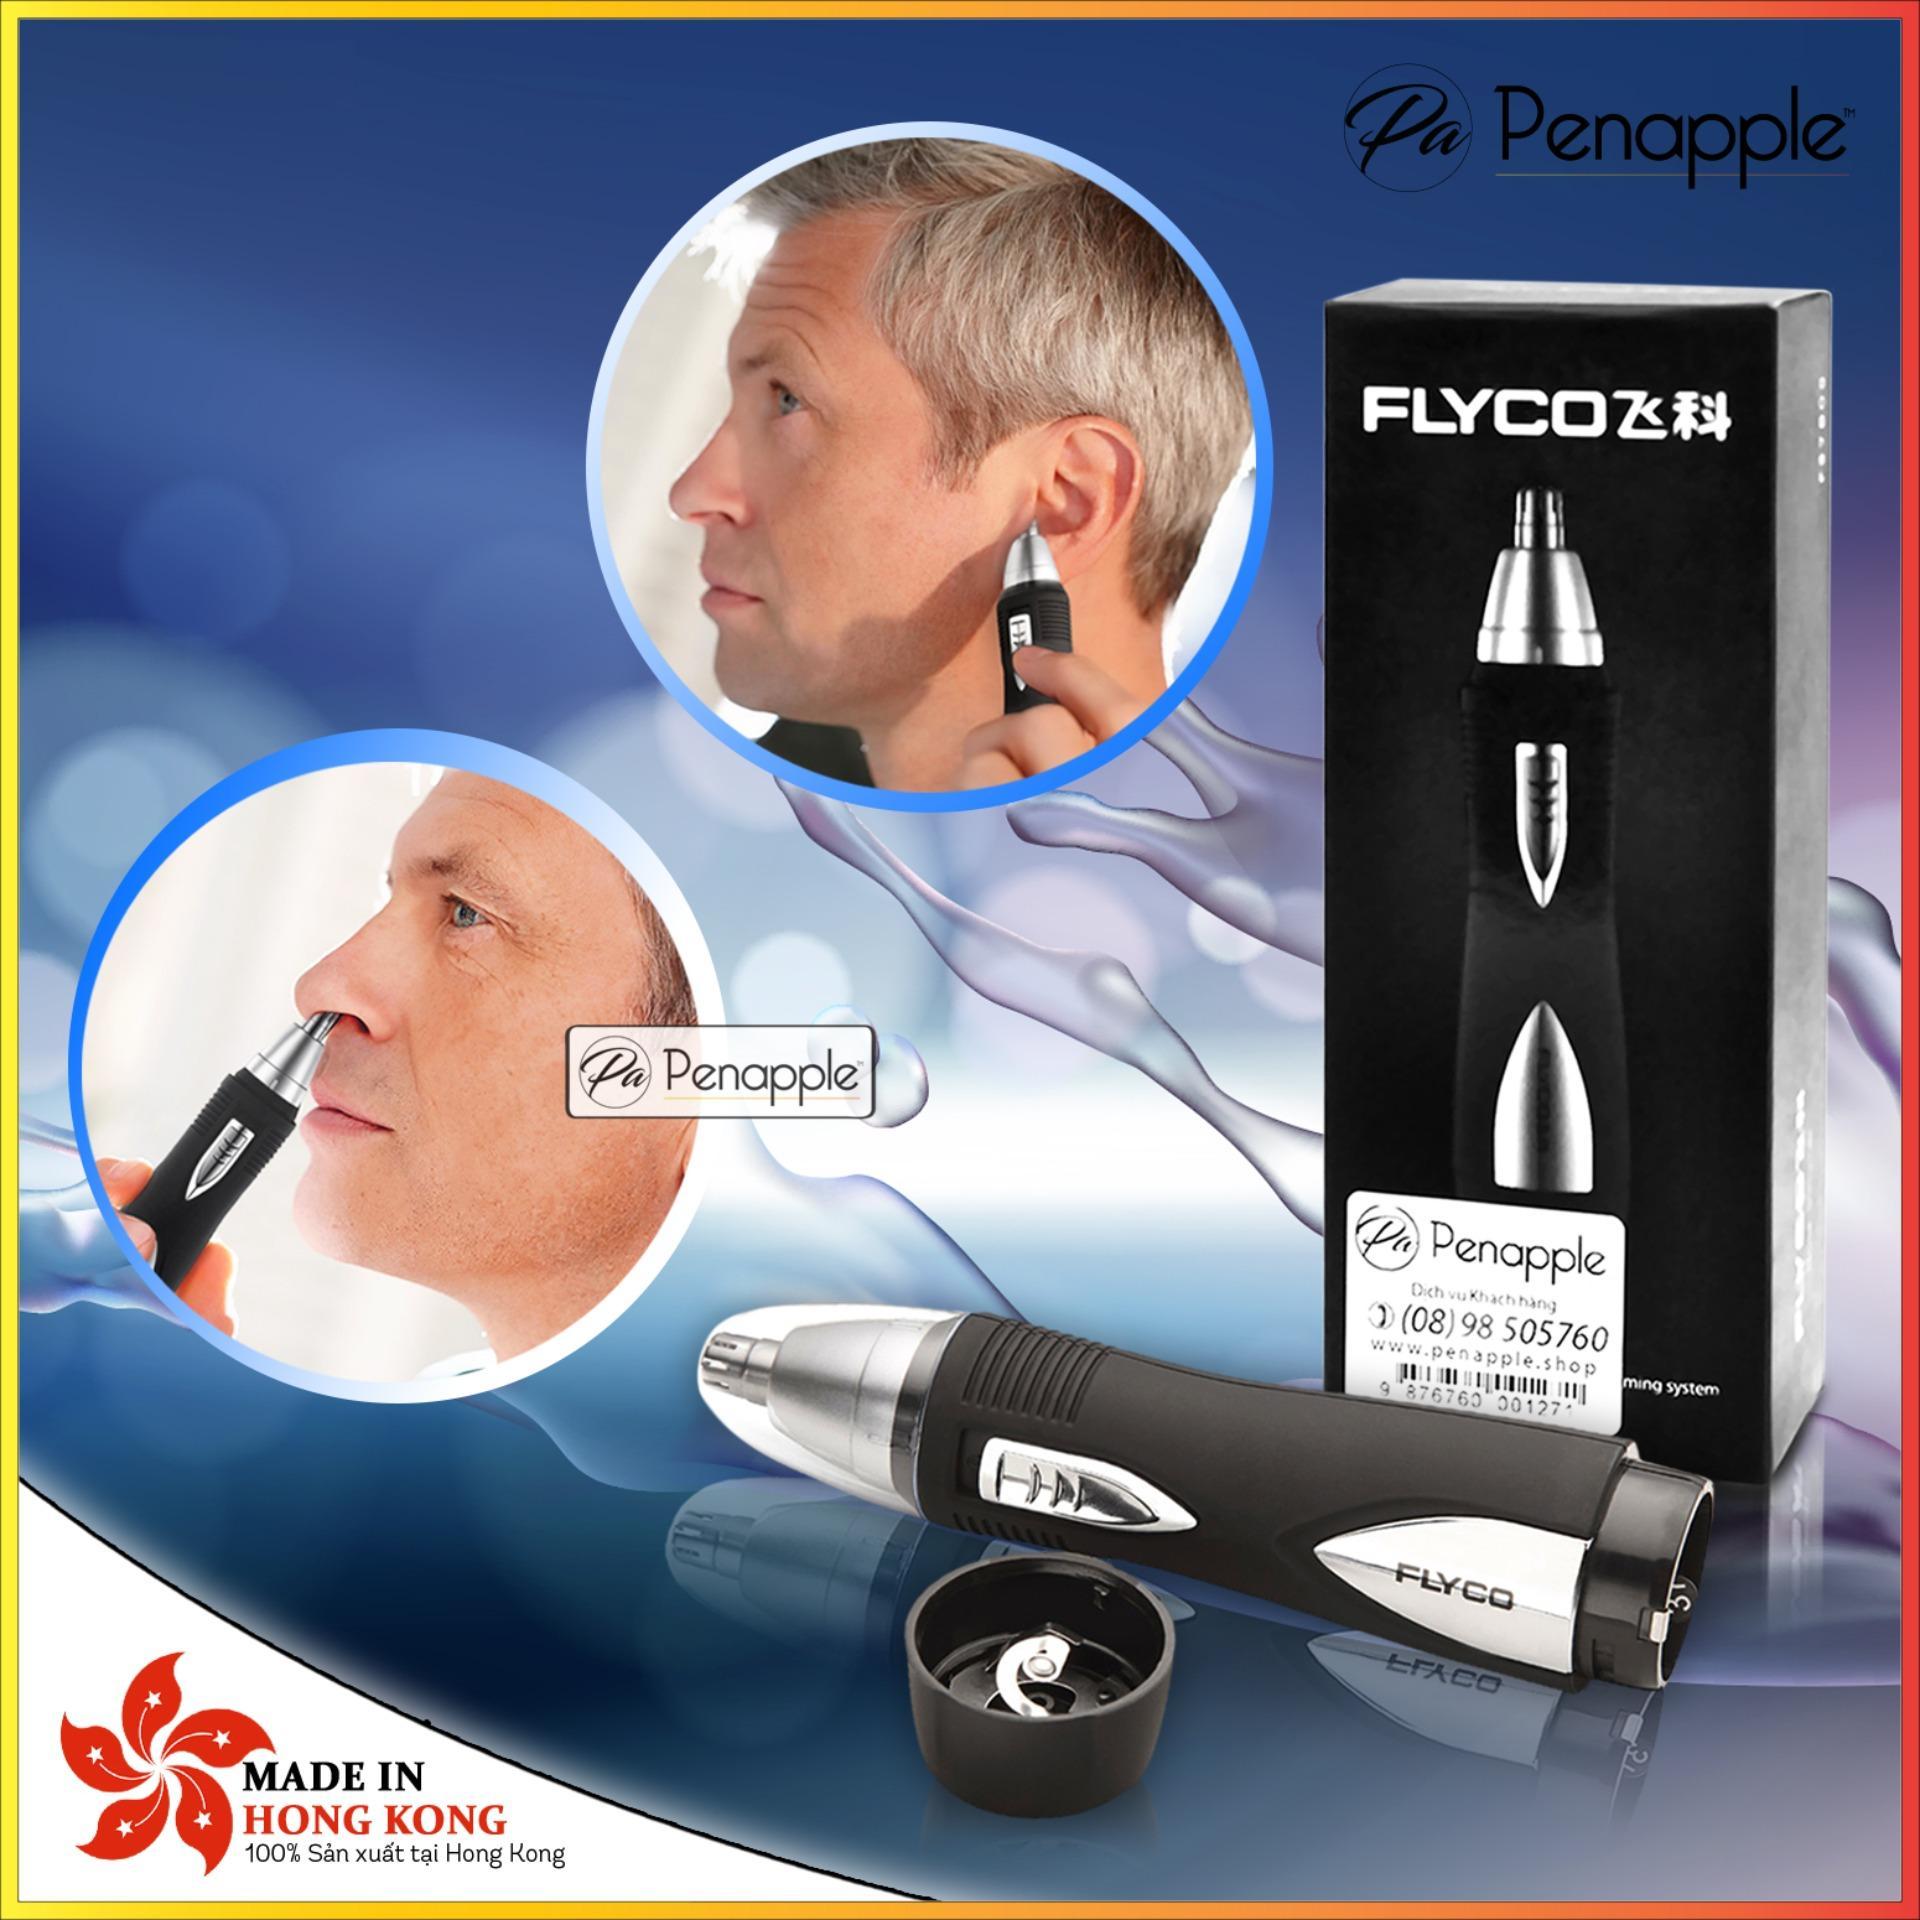 Máy cắt tỉa lông mũi - nhỏ và dễ dàng mang theo - không đau, đáng tin cậy và một pin có thể sử dụng một thời gian rất dài bao gồm pin AA - sản xuất tại Hồng Kông